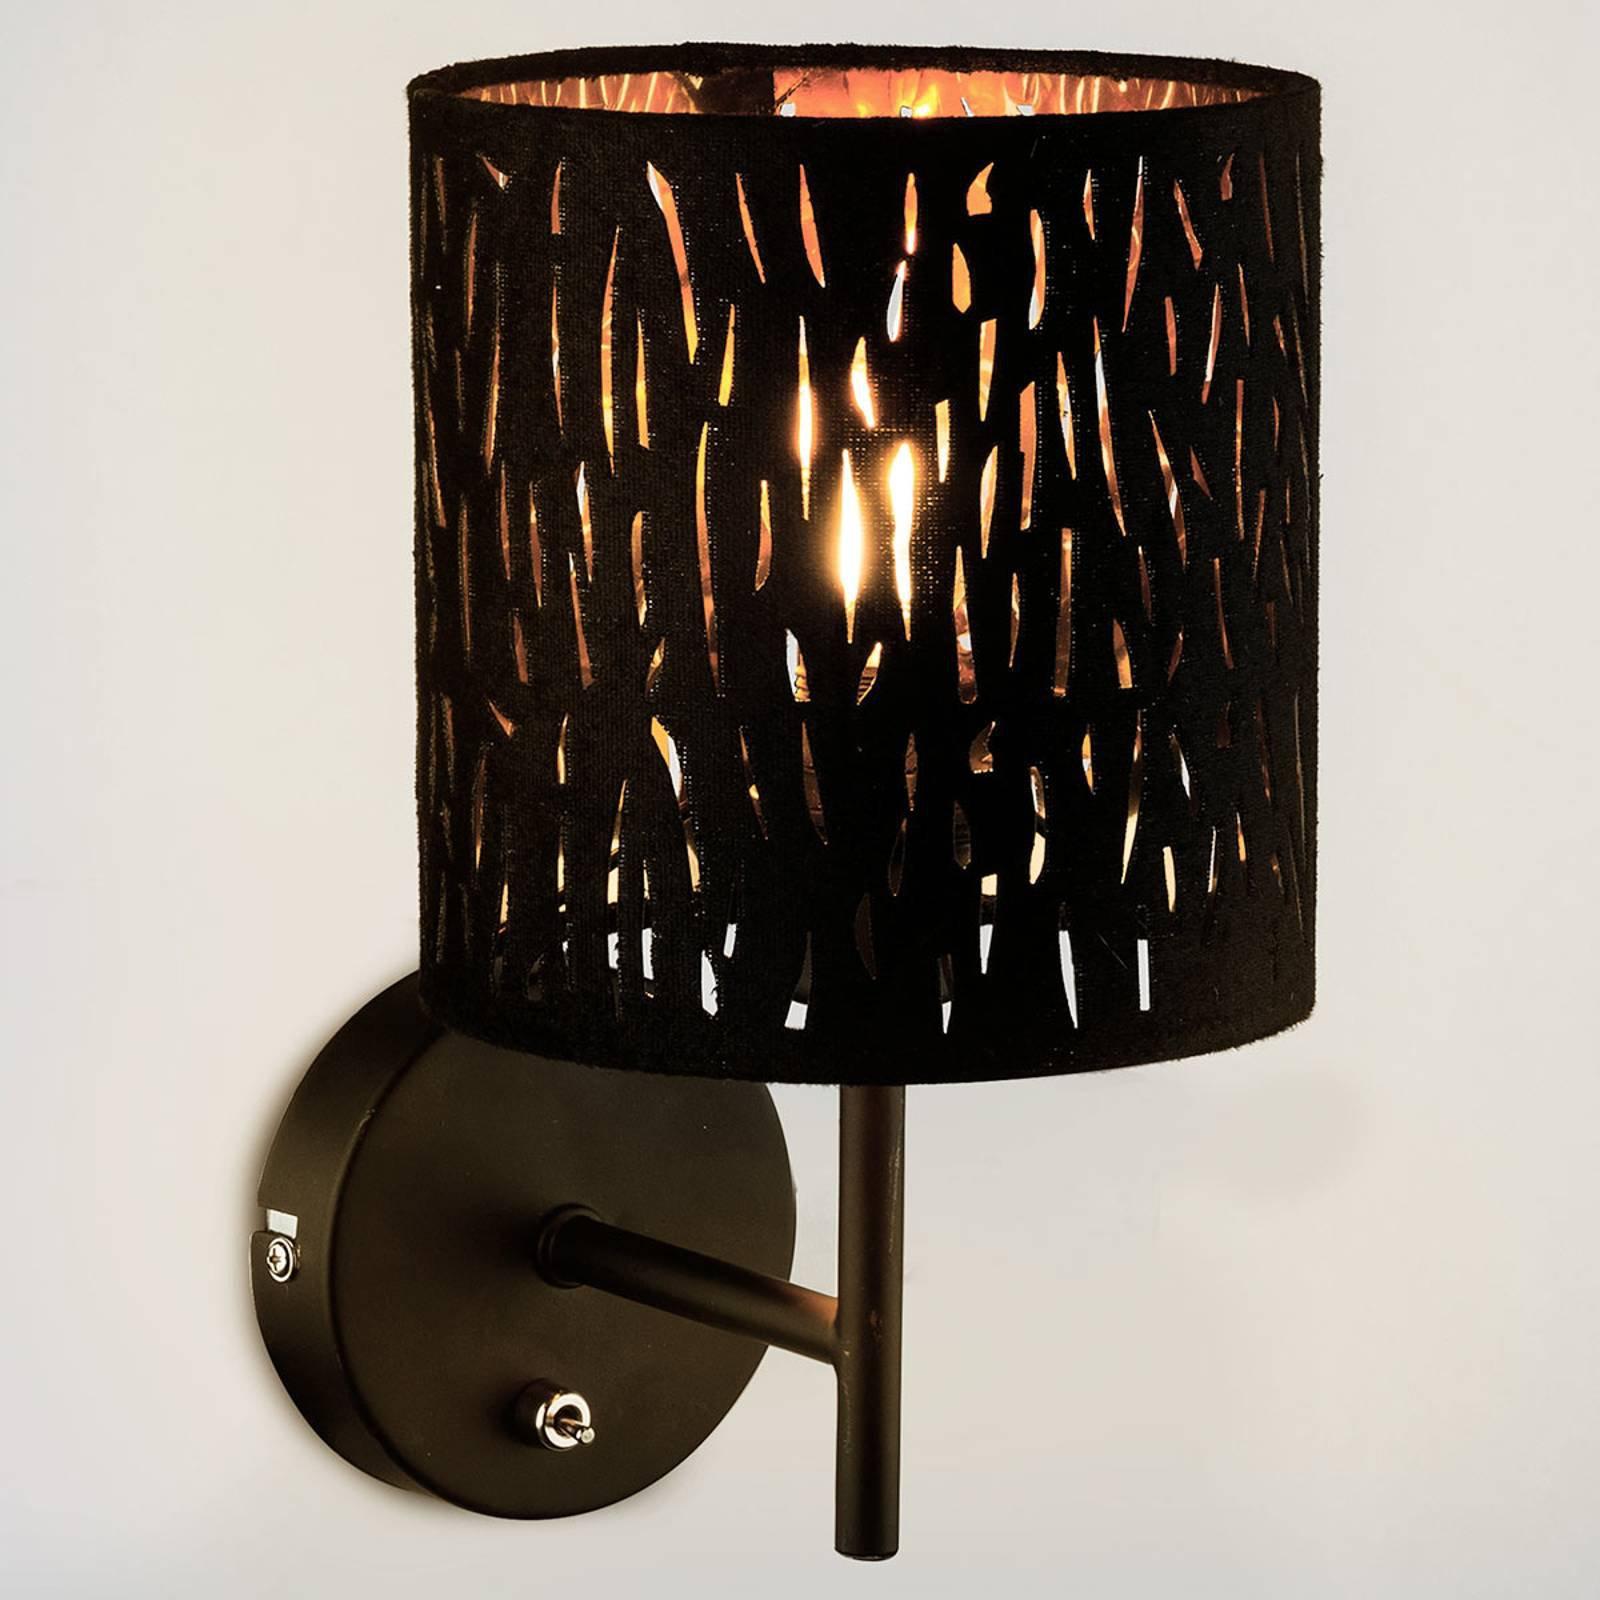 Vegglampe Tuxon med svart, gyllen skjerm